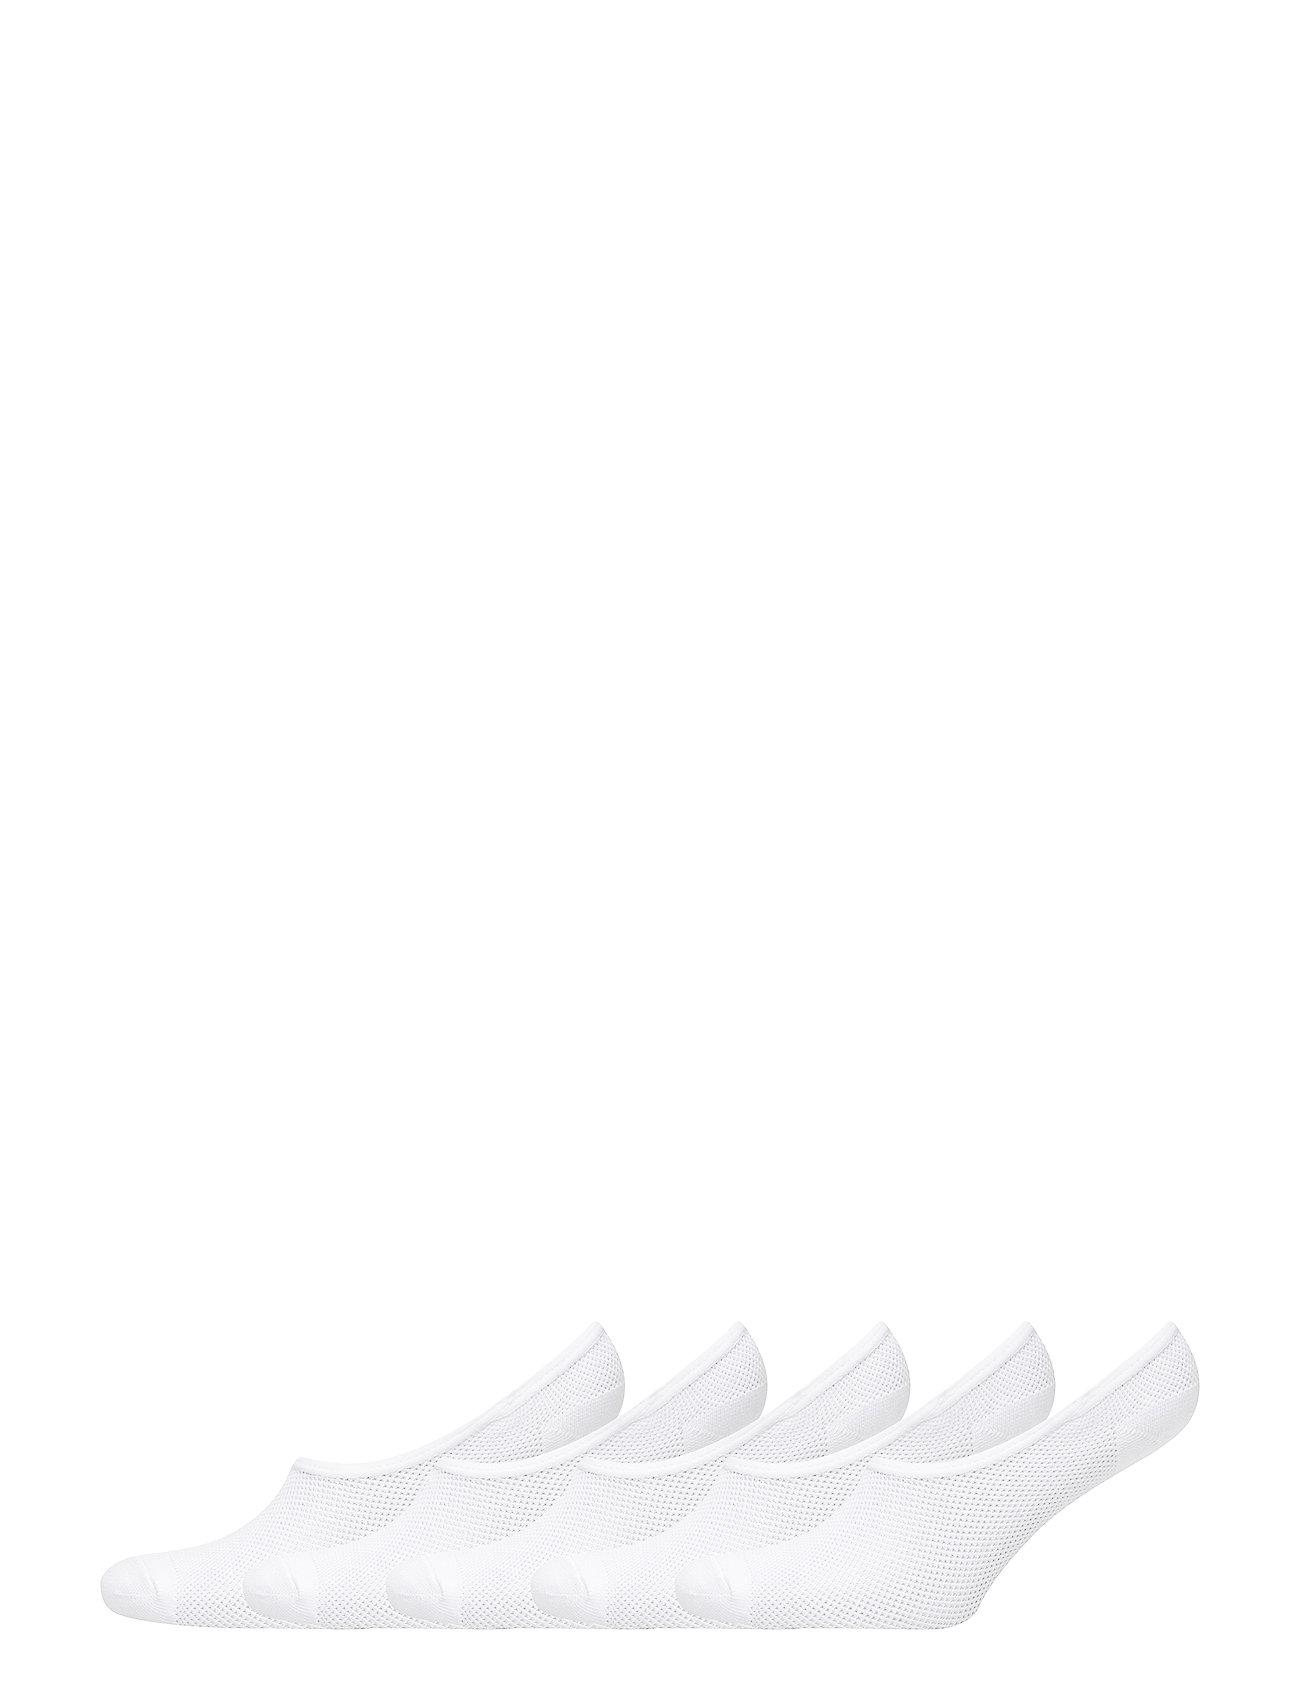 Image of Decoy Footies Quick Dry 5-Pack Lingerie Socks Footies/Ankle Socks Hvid Decoy (3102075349)